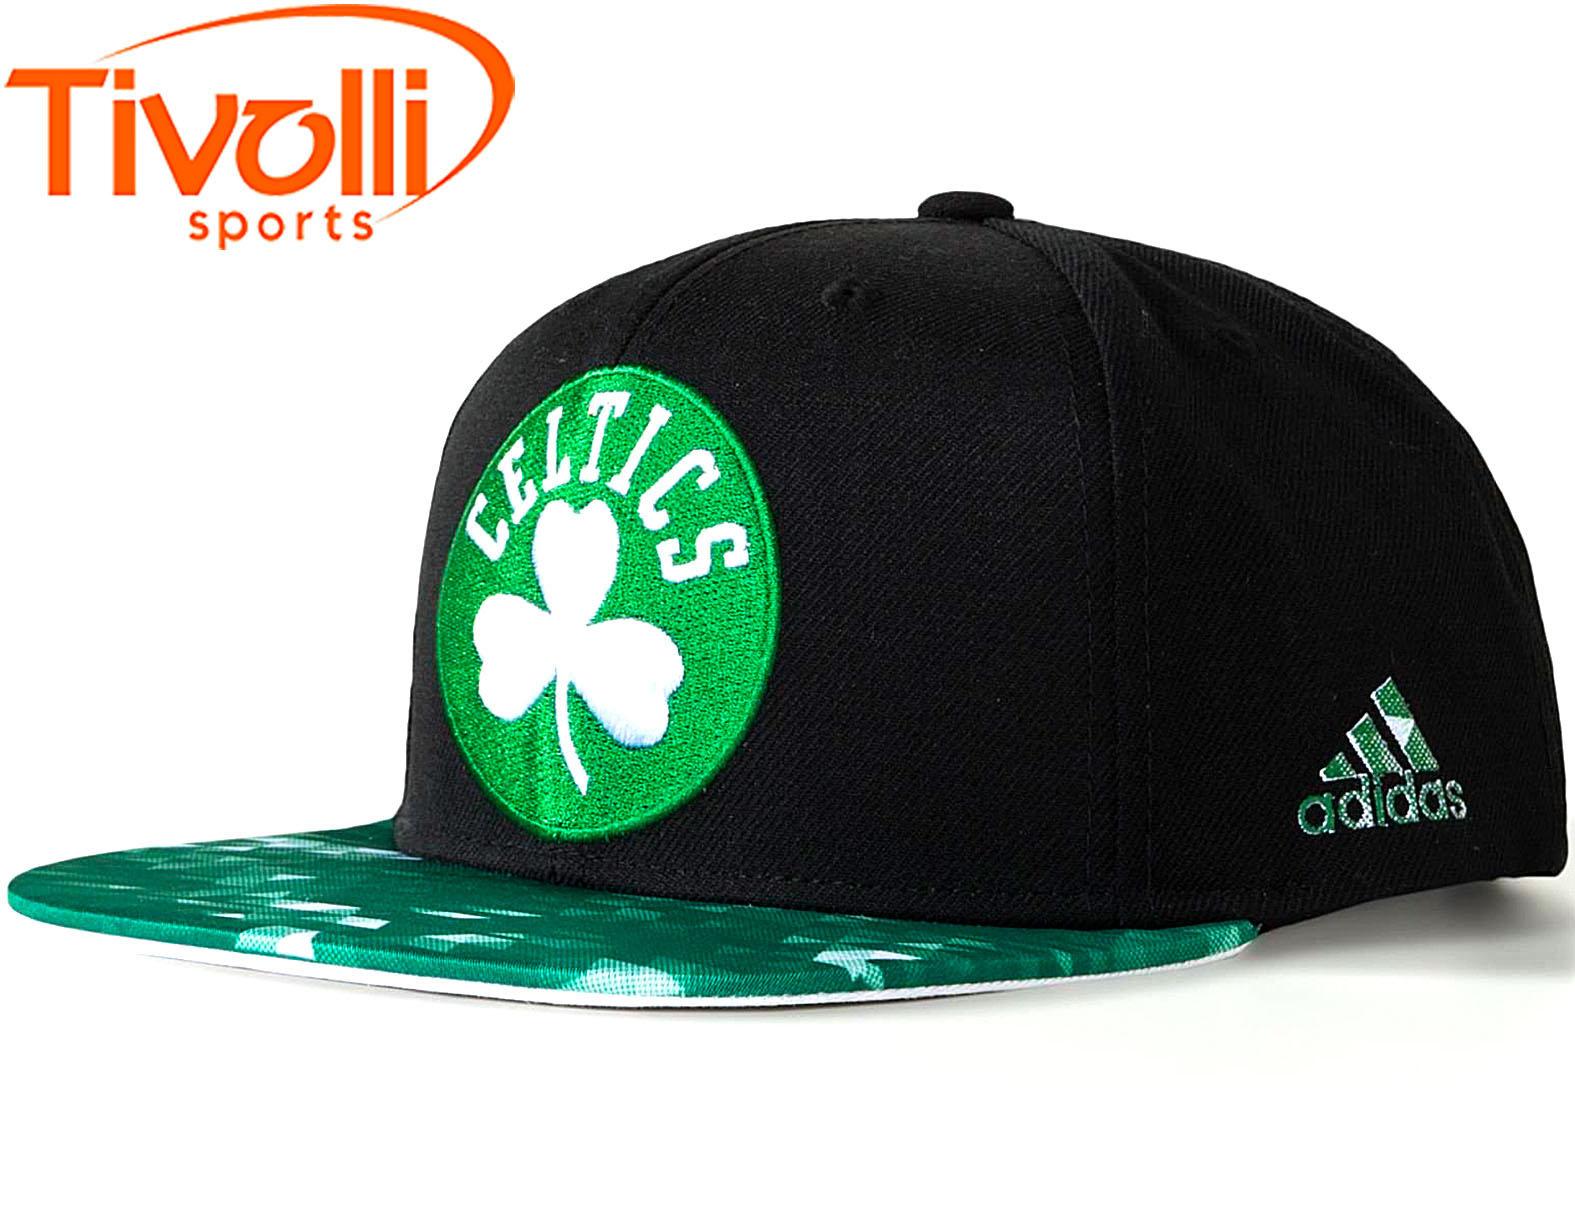 a031b8e348f73 Boné NBA Boston Celtics Adidas   Basquete preto e verde